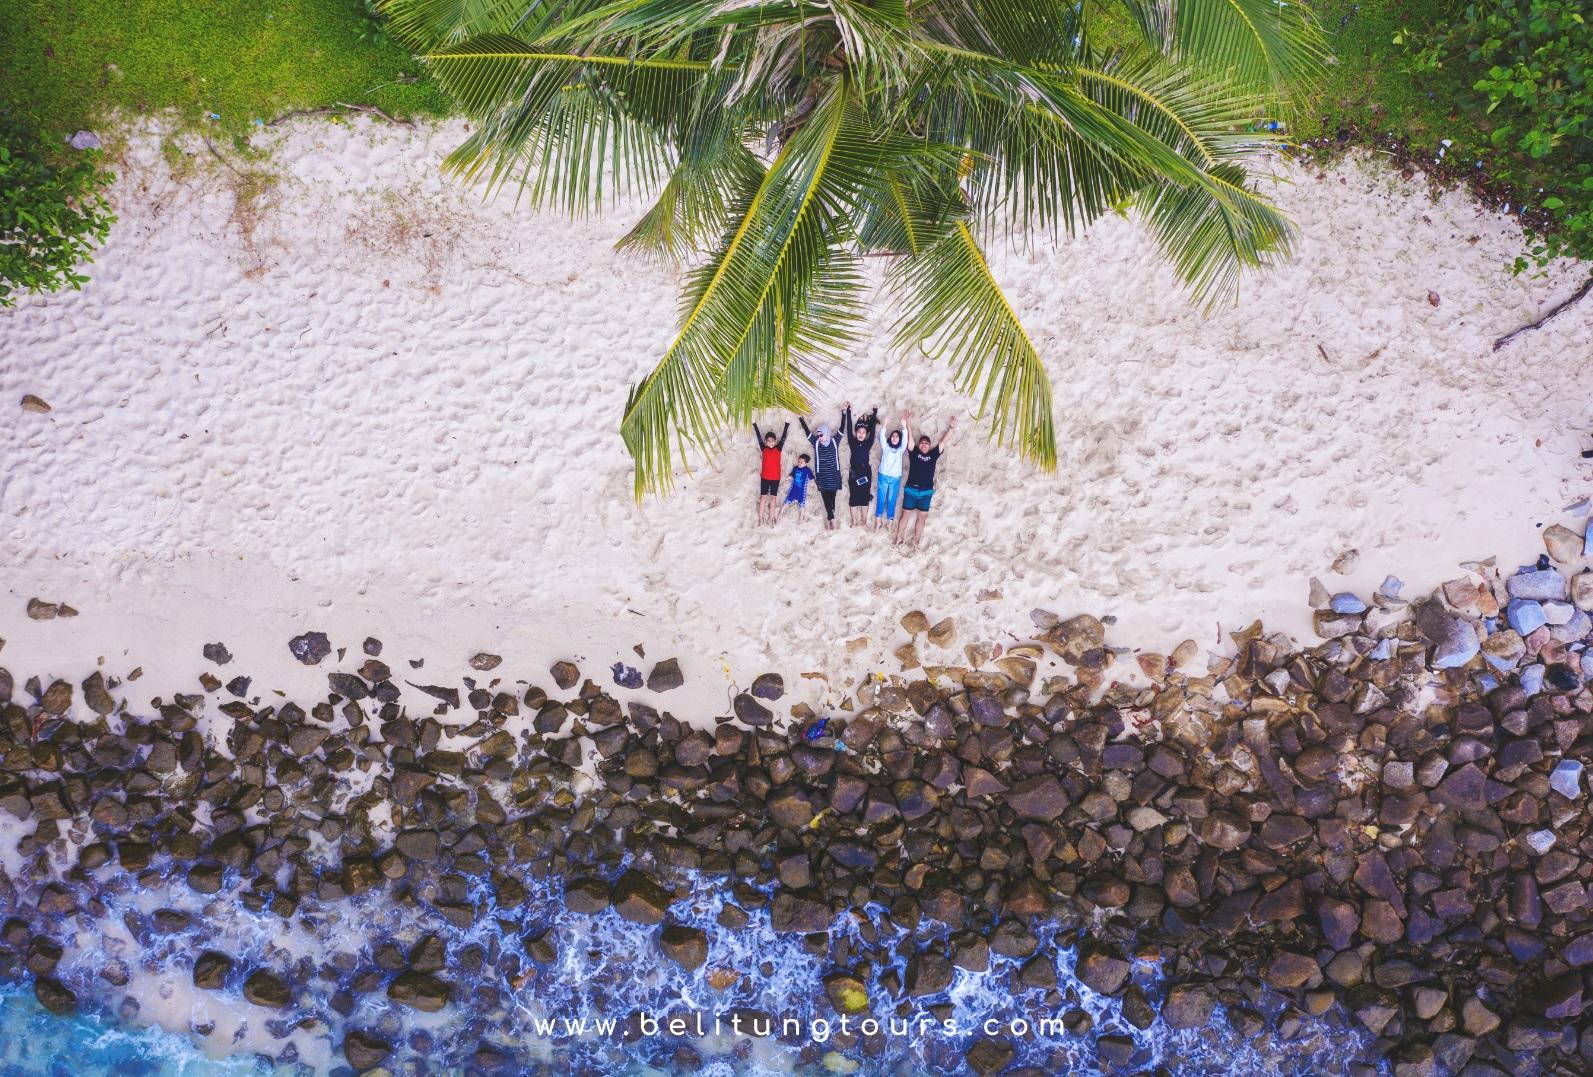 Ingin Berlibur ke Belitung? Ketahui Dulu Fakta Pulau Tersebut